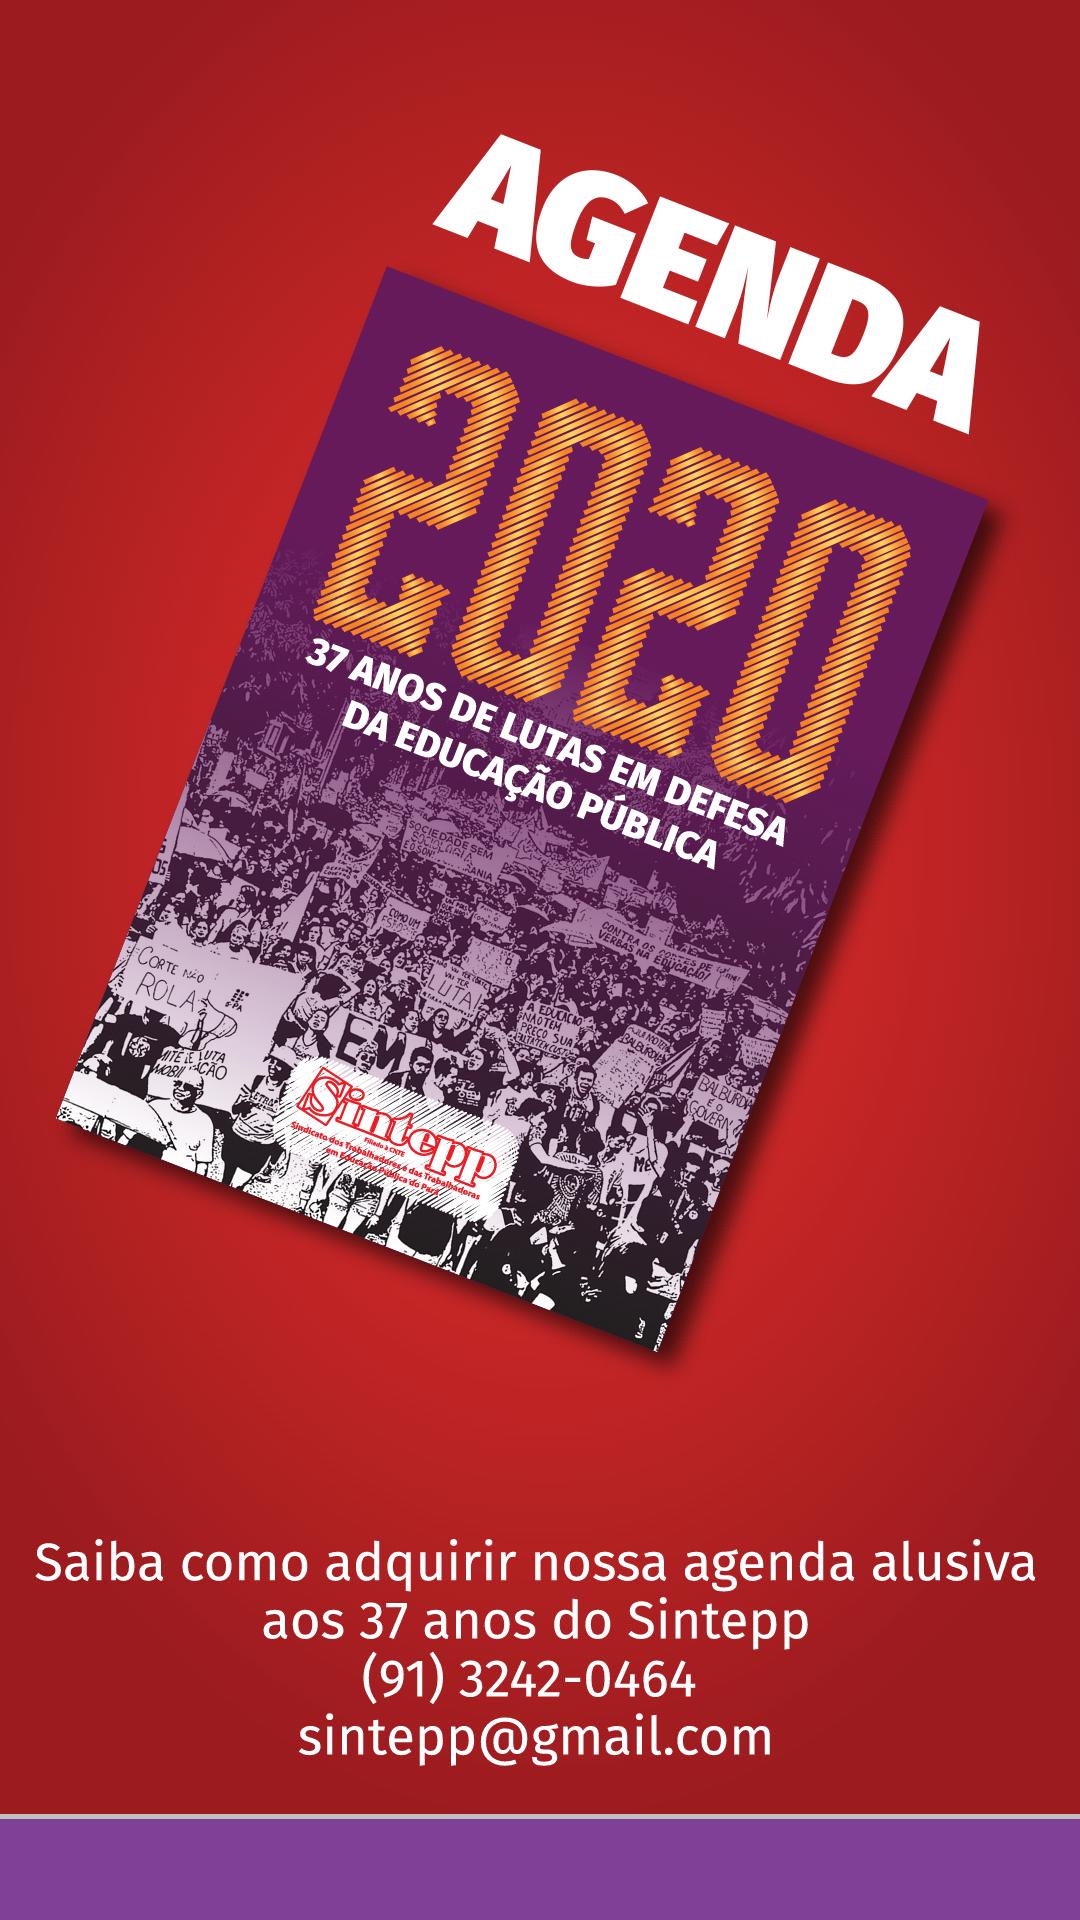 Agenda 2020 do Sintepp. Nossa história contada de outra forma!